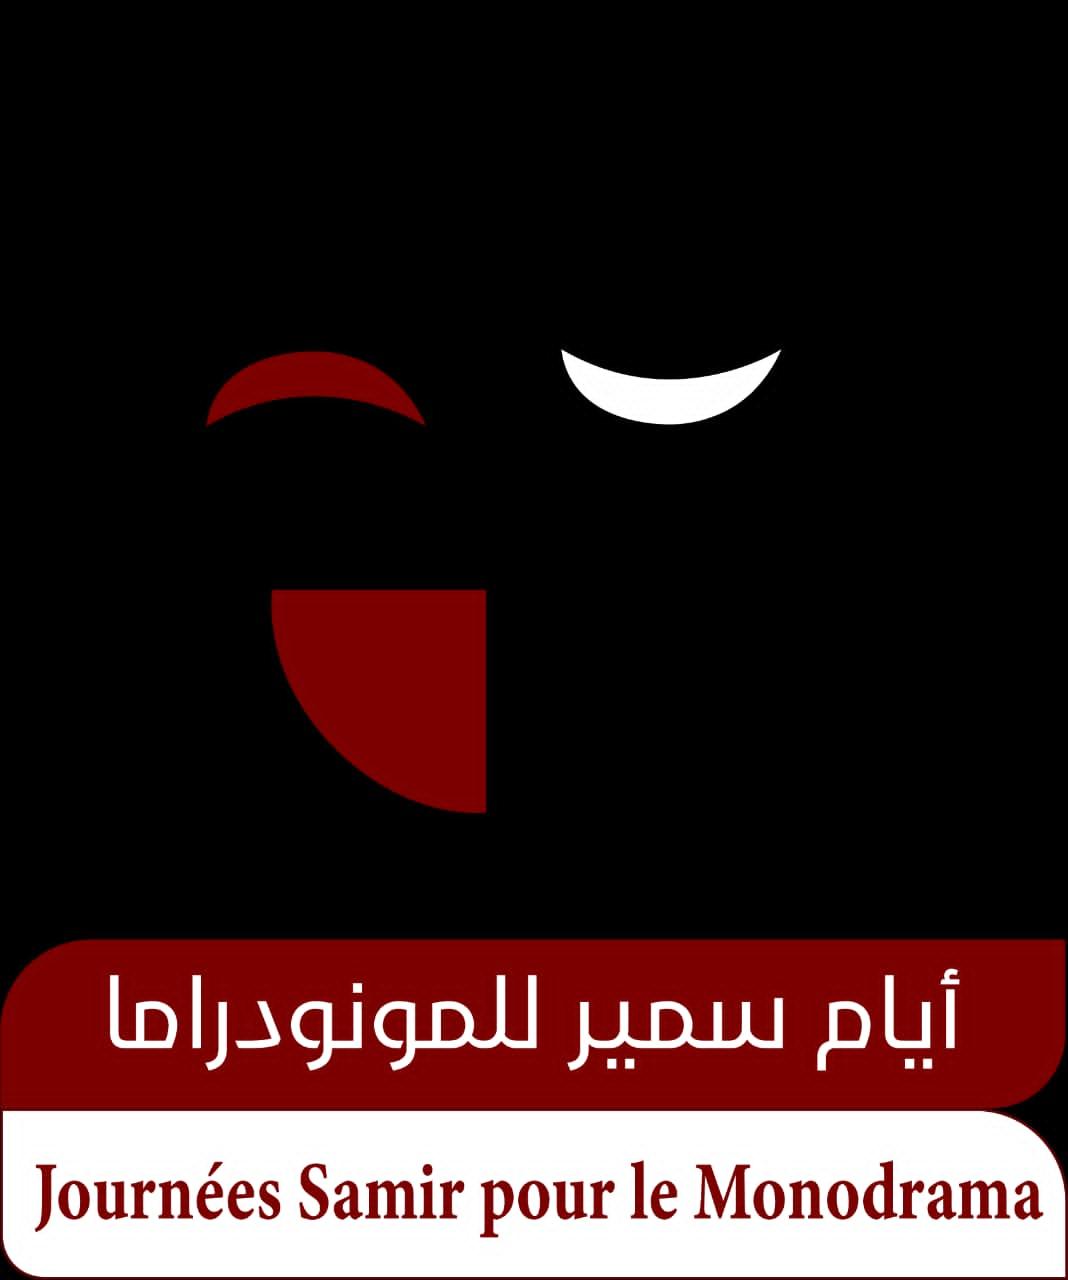 فرقة الشروق المسرحية؛ تحدد موعدا لأنشطتها تحت شعار أيام سمير للموندراما